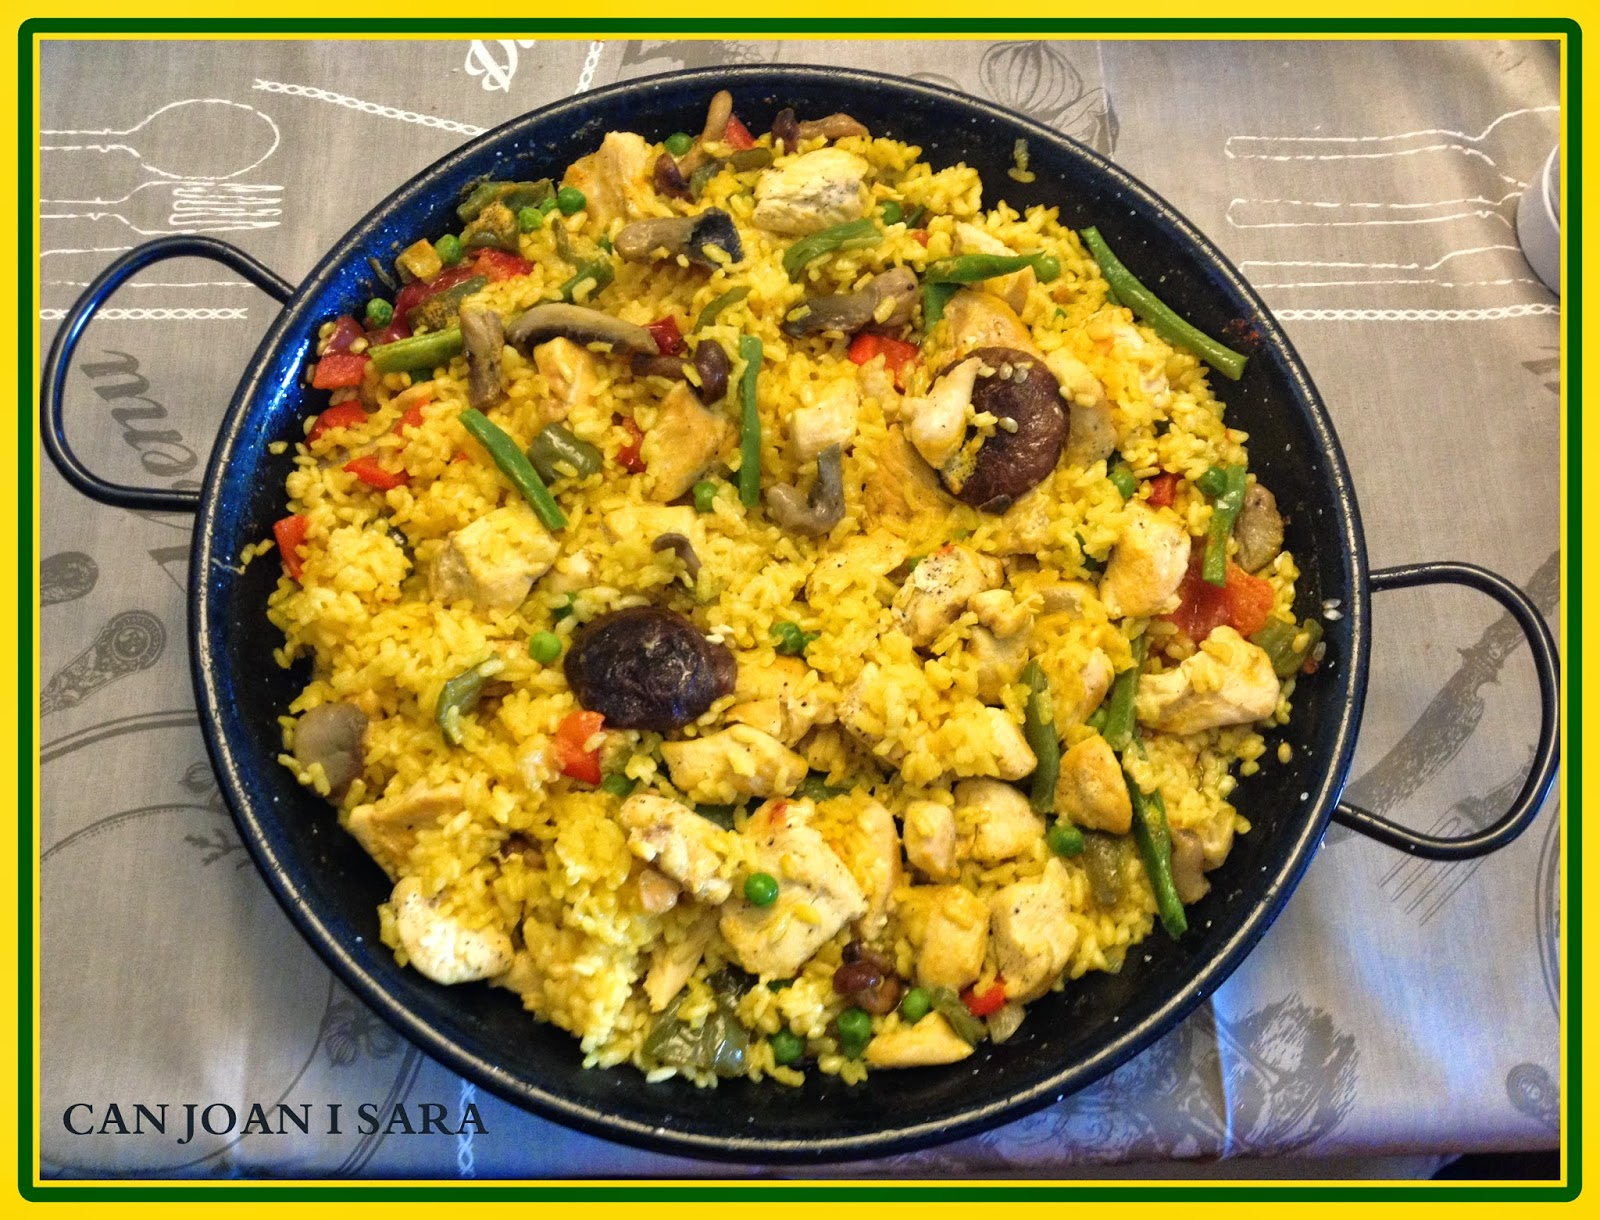 Paella de pollo setas y verduras recetas de cocina - Cocina con sara paella ...